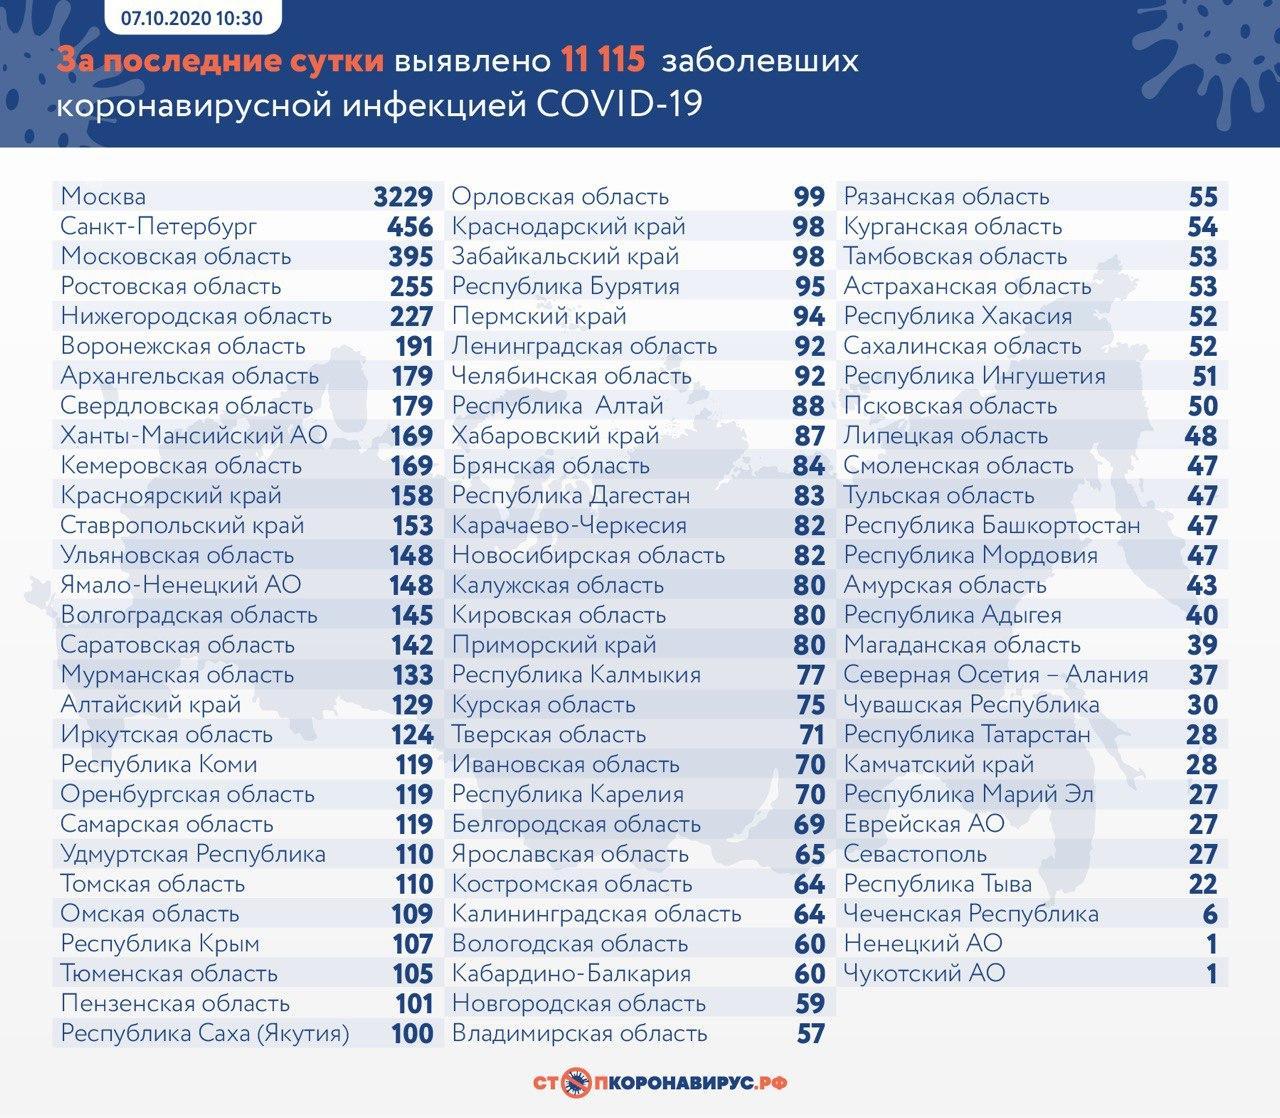 За последние сутки в России выявлены 11 115 заразившихся коронавирусом